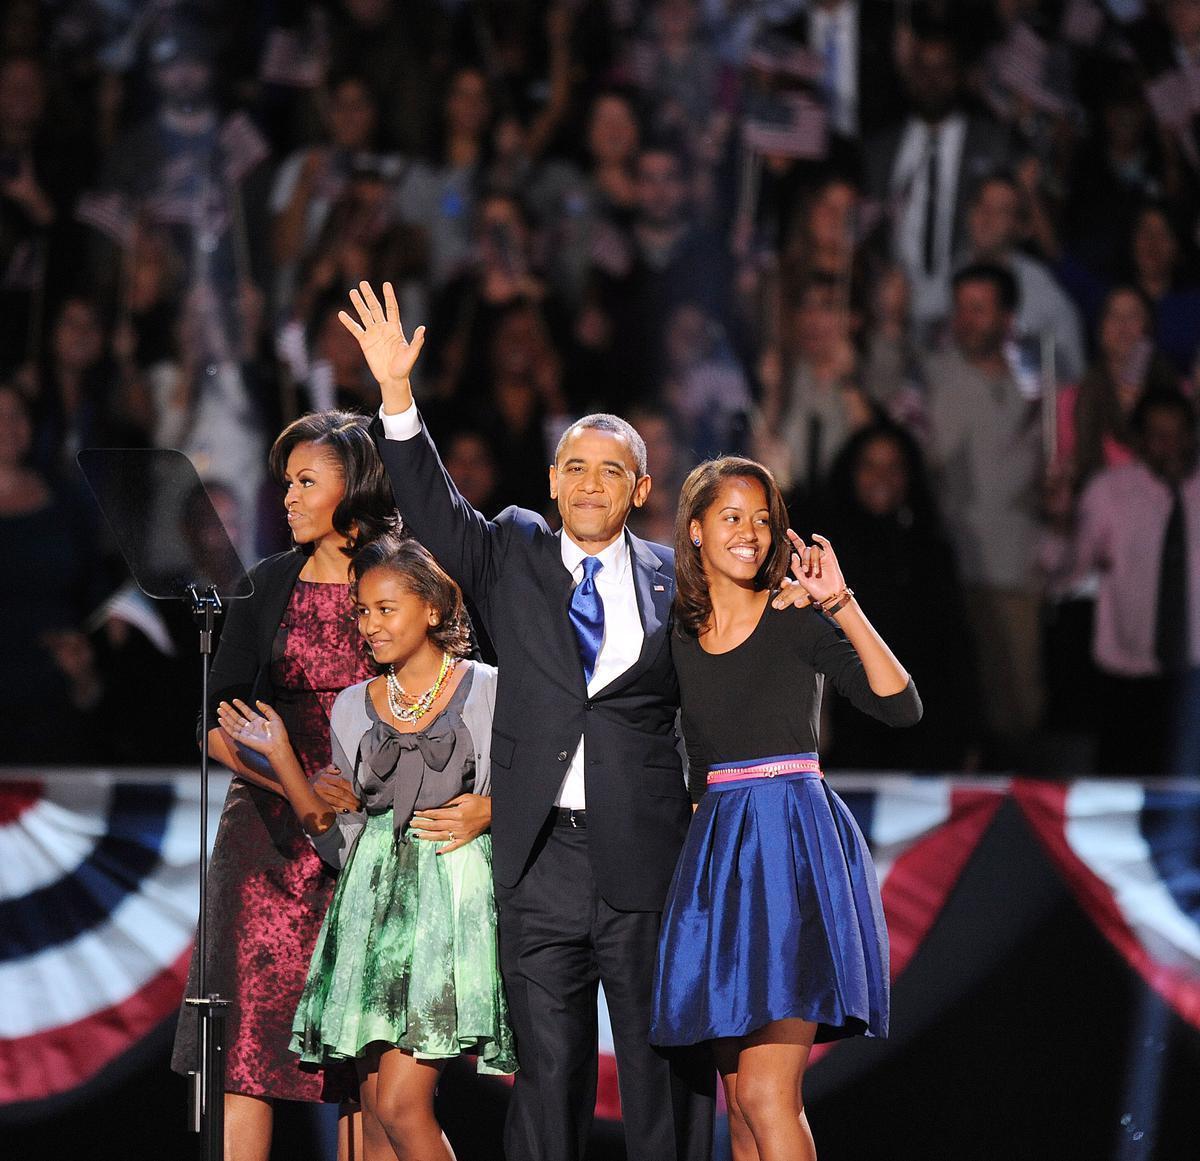 La touchante réponse de #BarackObama au message de Michelle pour la #FêteDesPères >> https://t.co/X5Q76GTGij